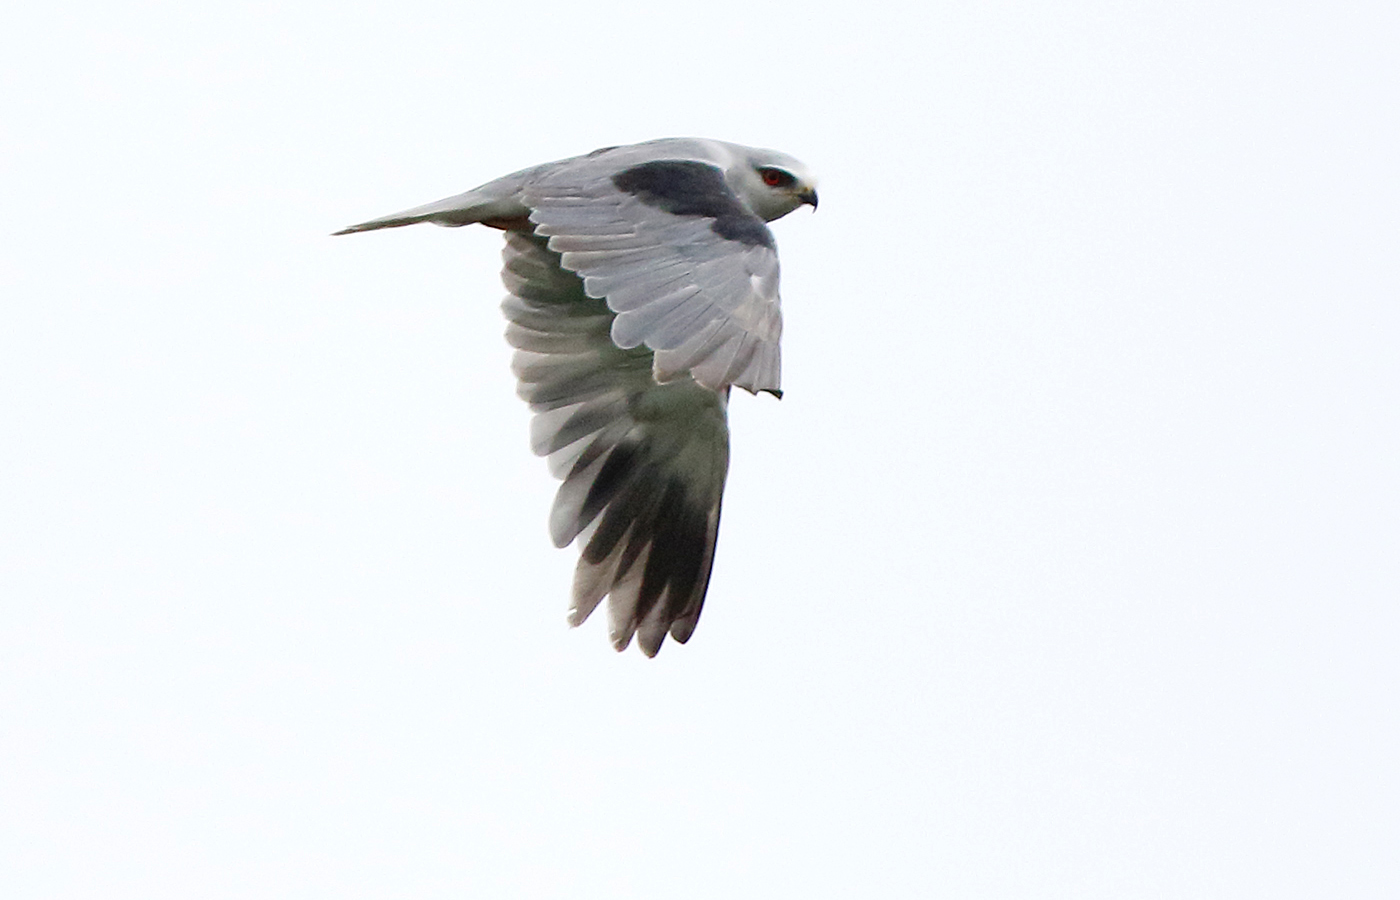 Svartvingad glada (Black-winged Kite) vid Gerum, Tanums Hede i Bohuslän